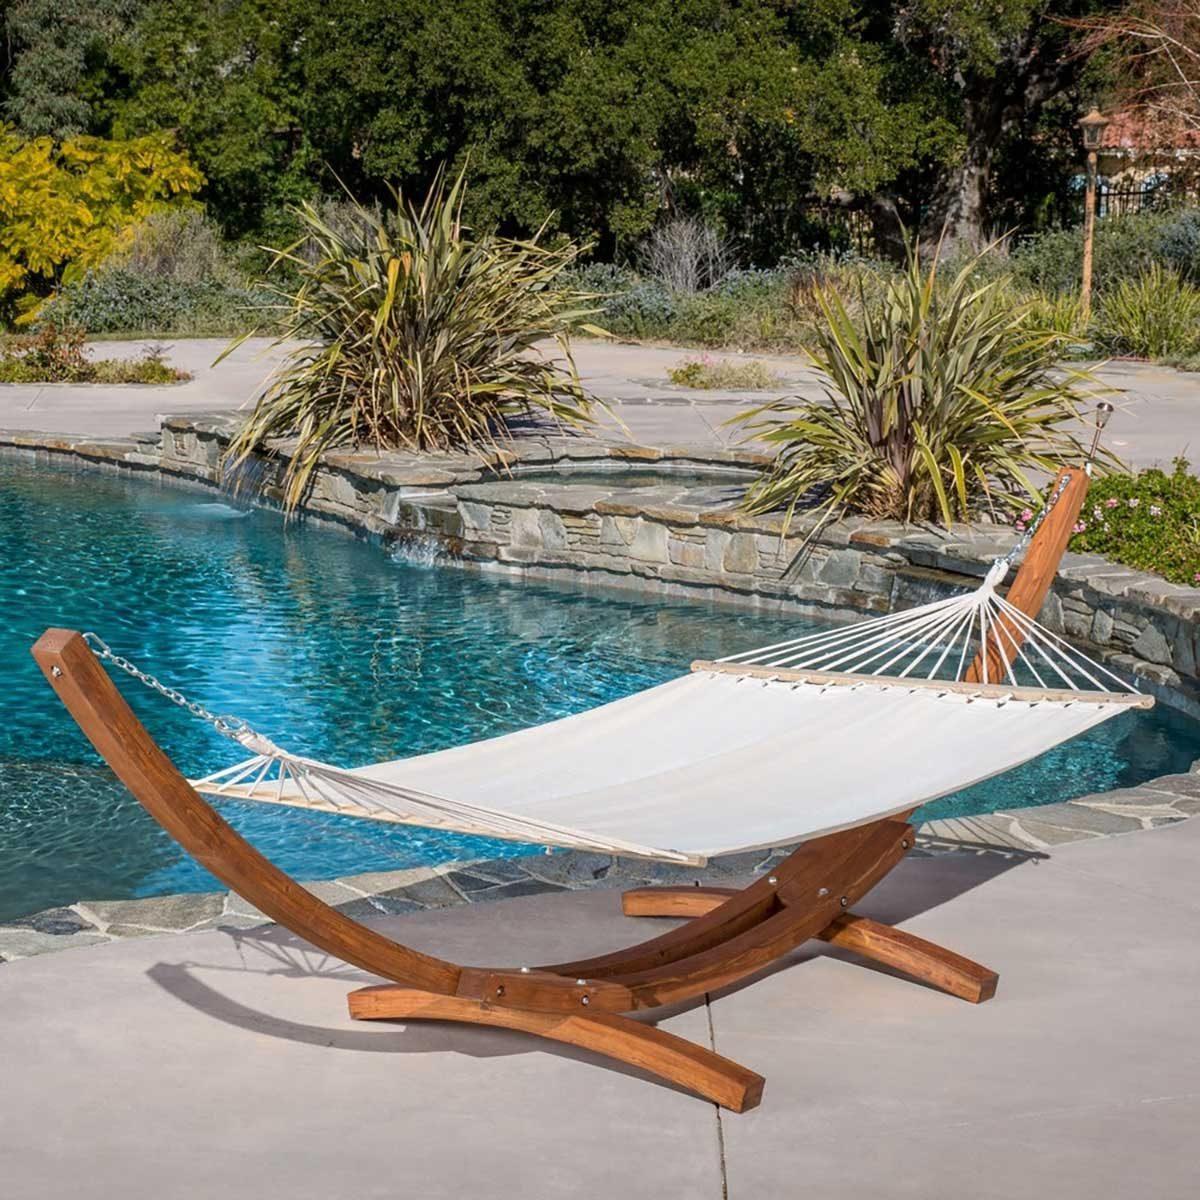 Hammock by a pool